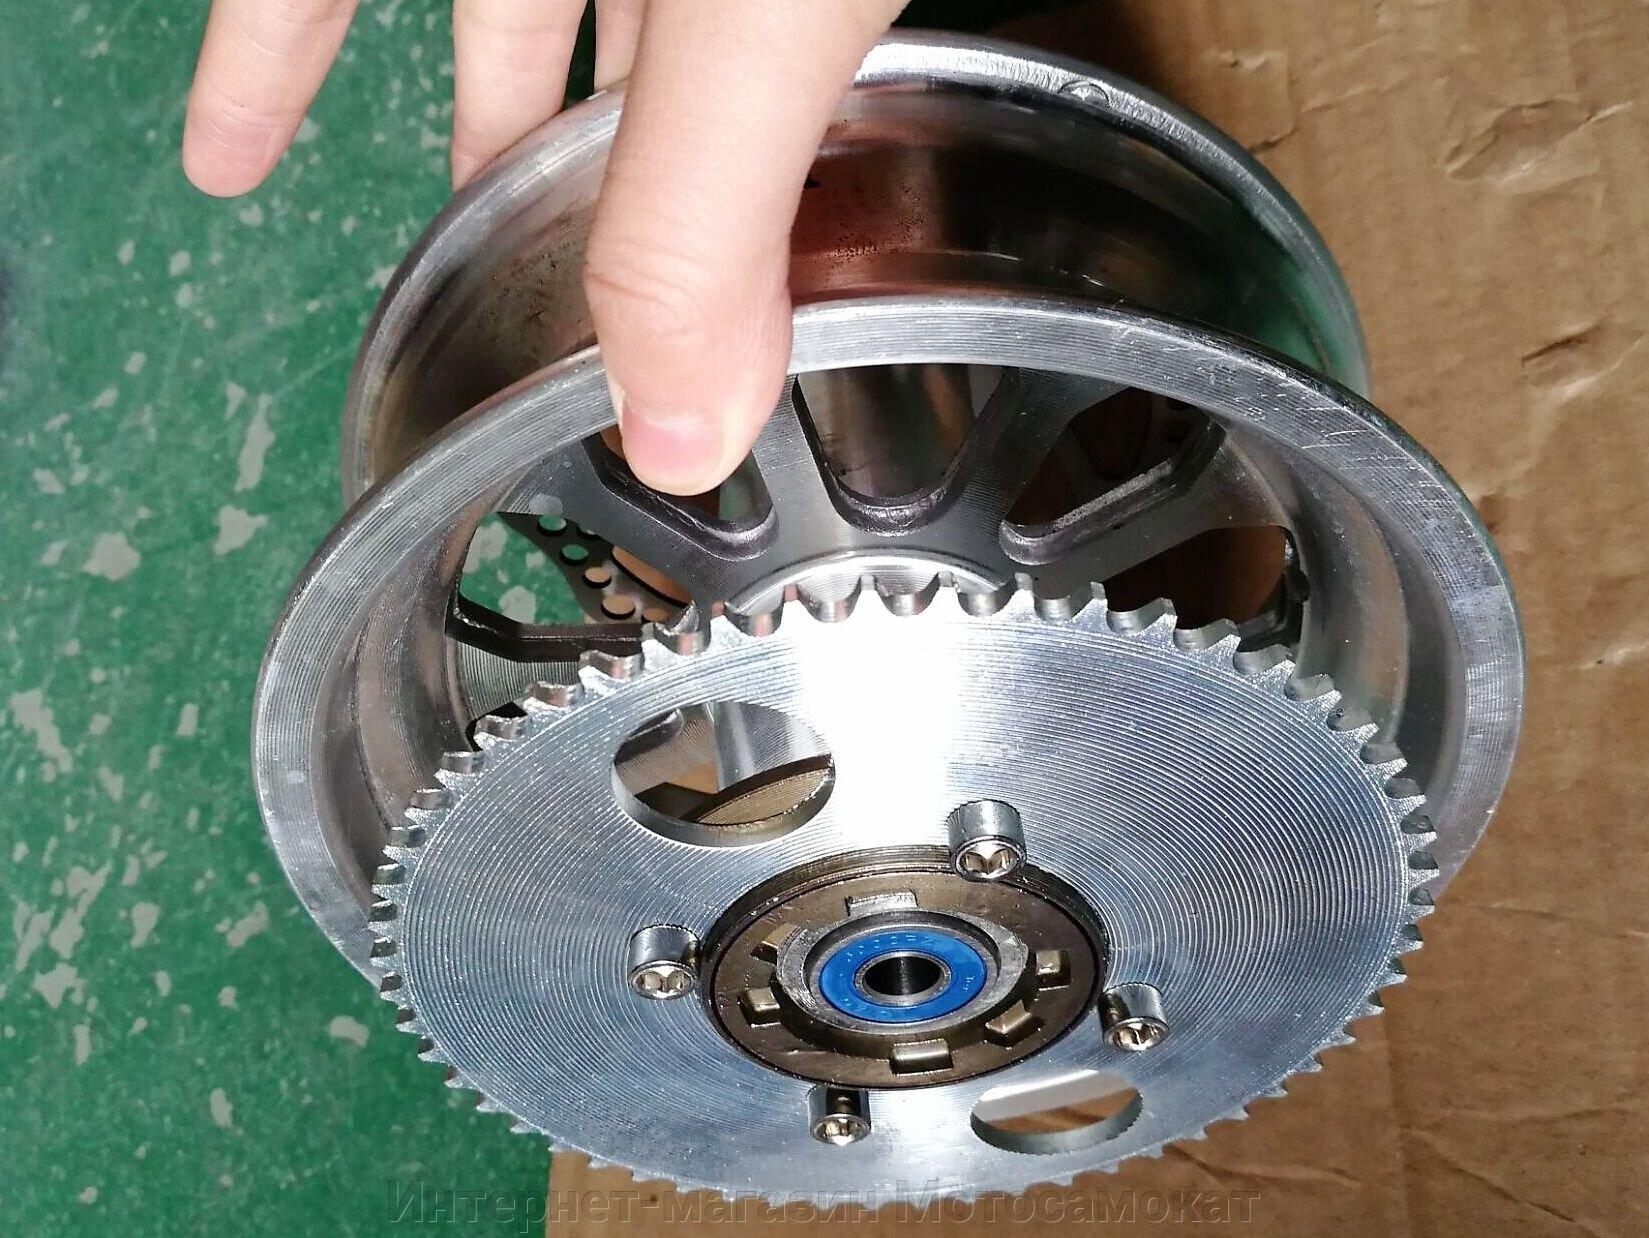 Заднее колесо мото- электро- самоката с усиленной обгонной муфтой.